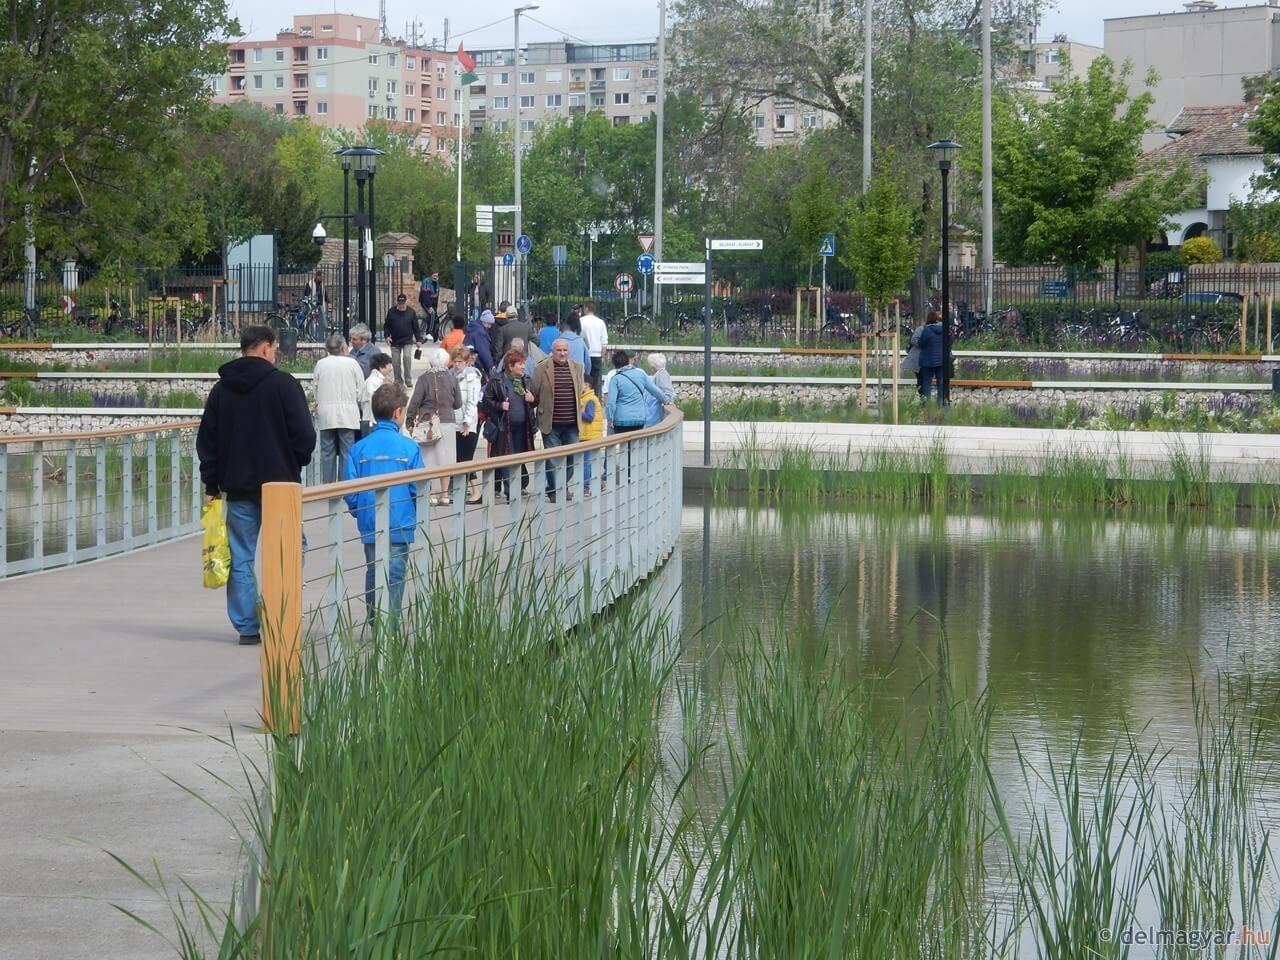 Beépítetlen területen született tóparti park Hódmezővásárhelyen